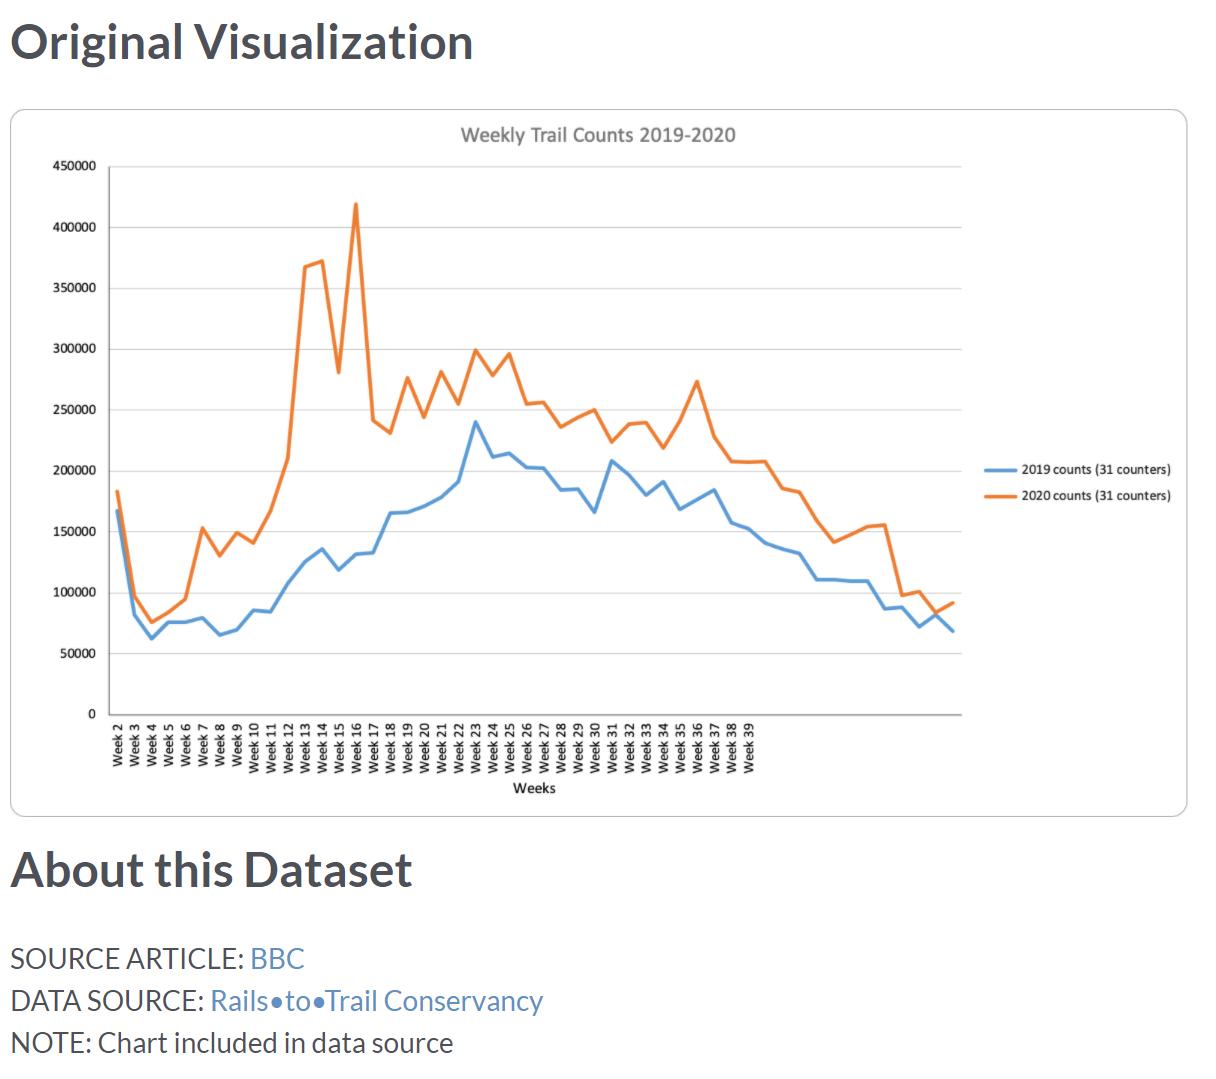 Original Visualization